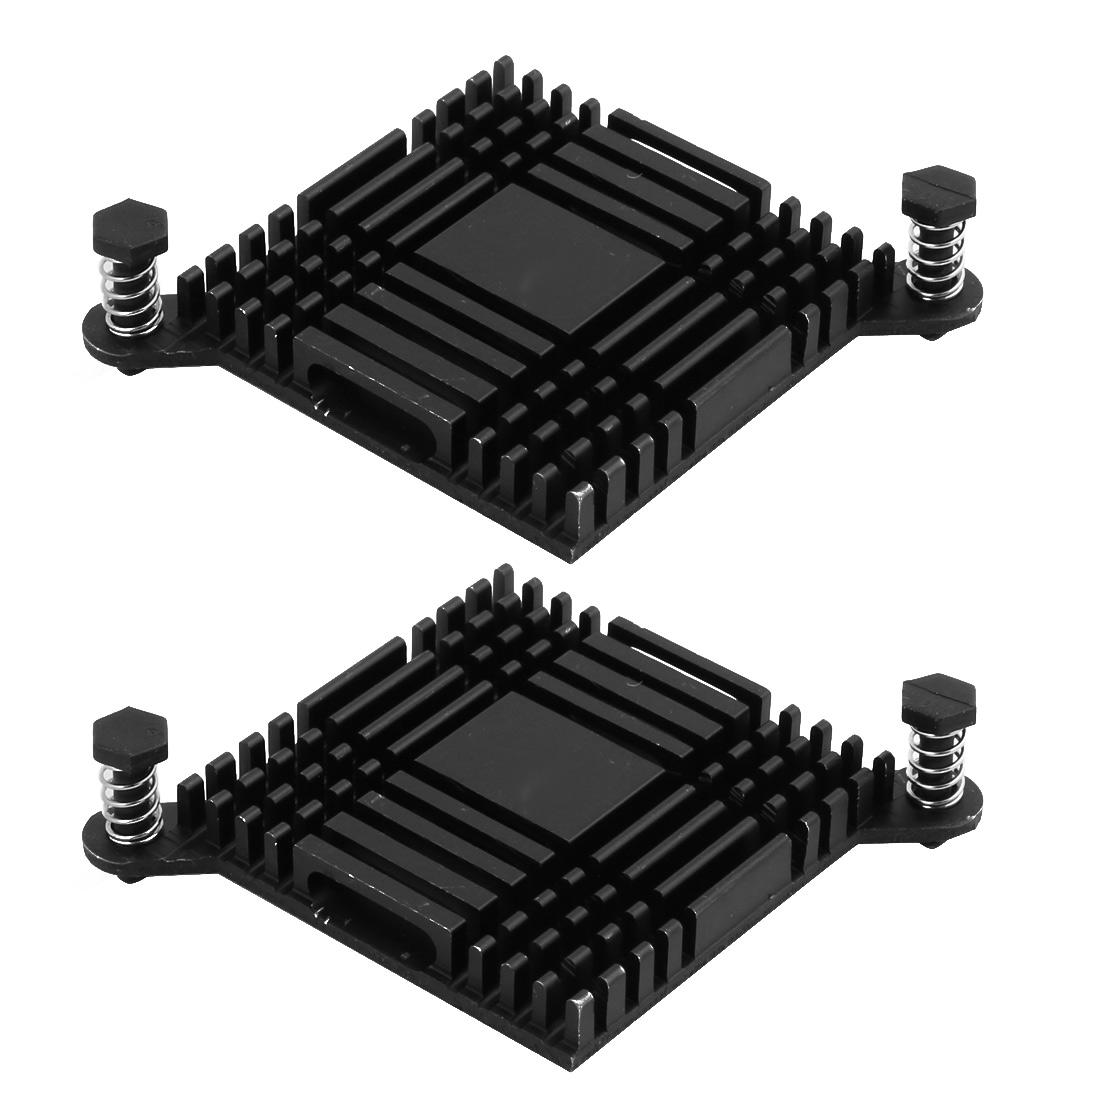 2pcs 38mmx38mmx6mm Black Aluminum Heatsink Heat Diffuse Cooling Fin